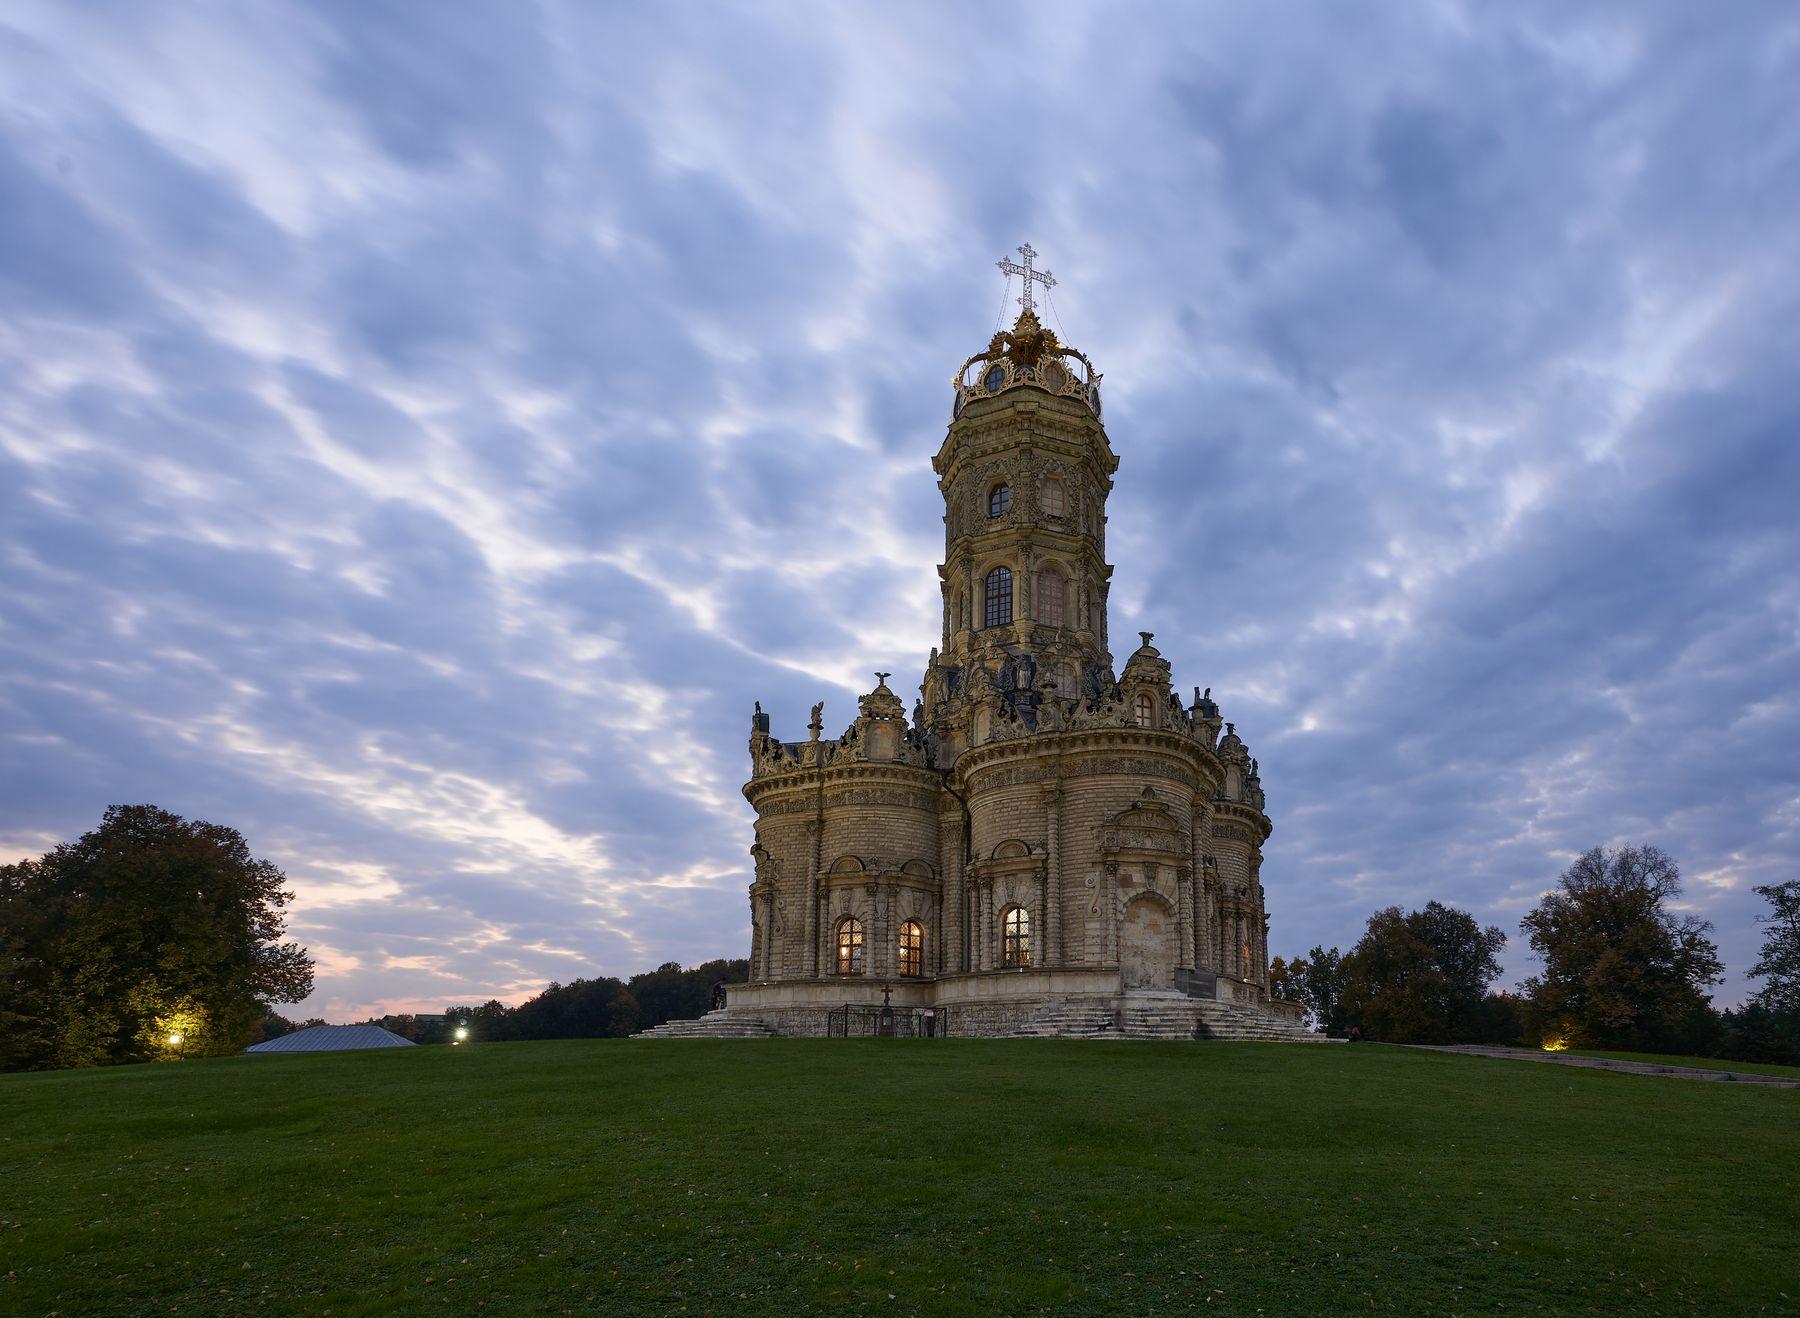 Церковь Знамения Пресвятой Богородицы в Дубровицах Дубровицы церковь Подмосковье